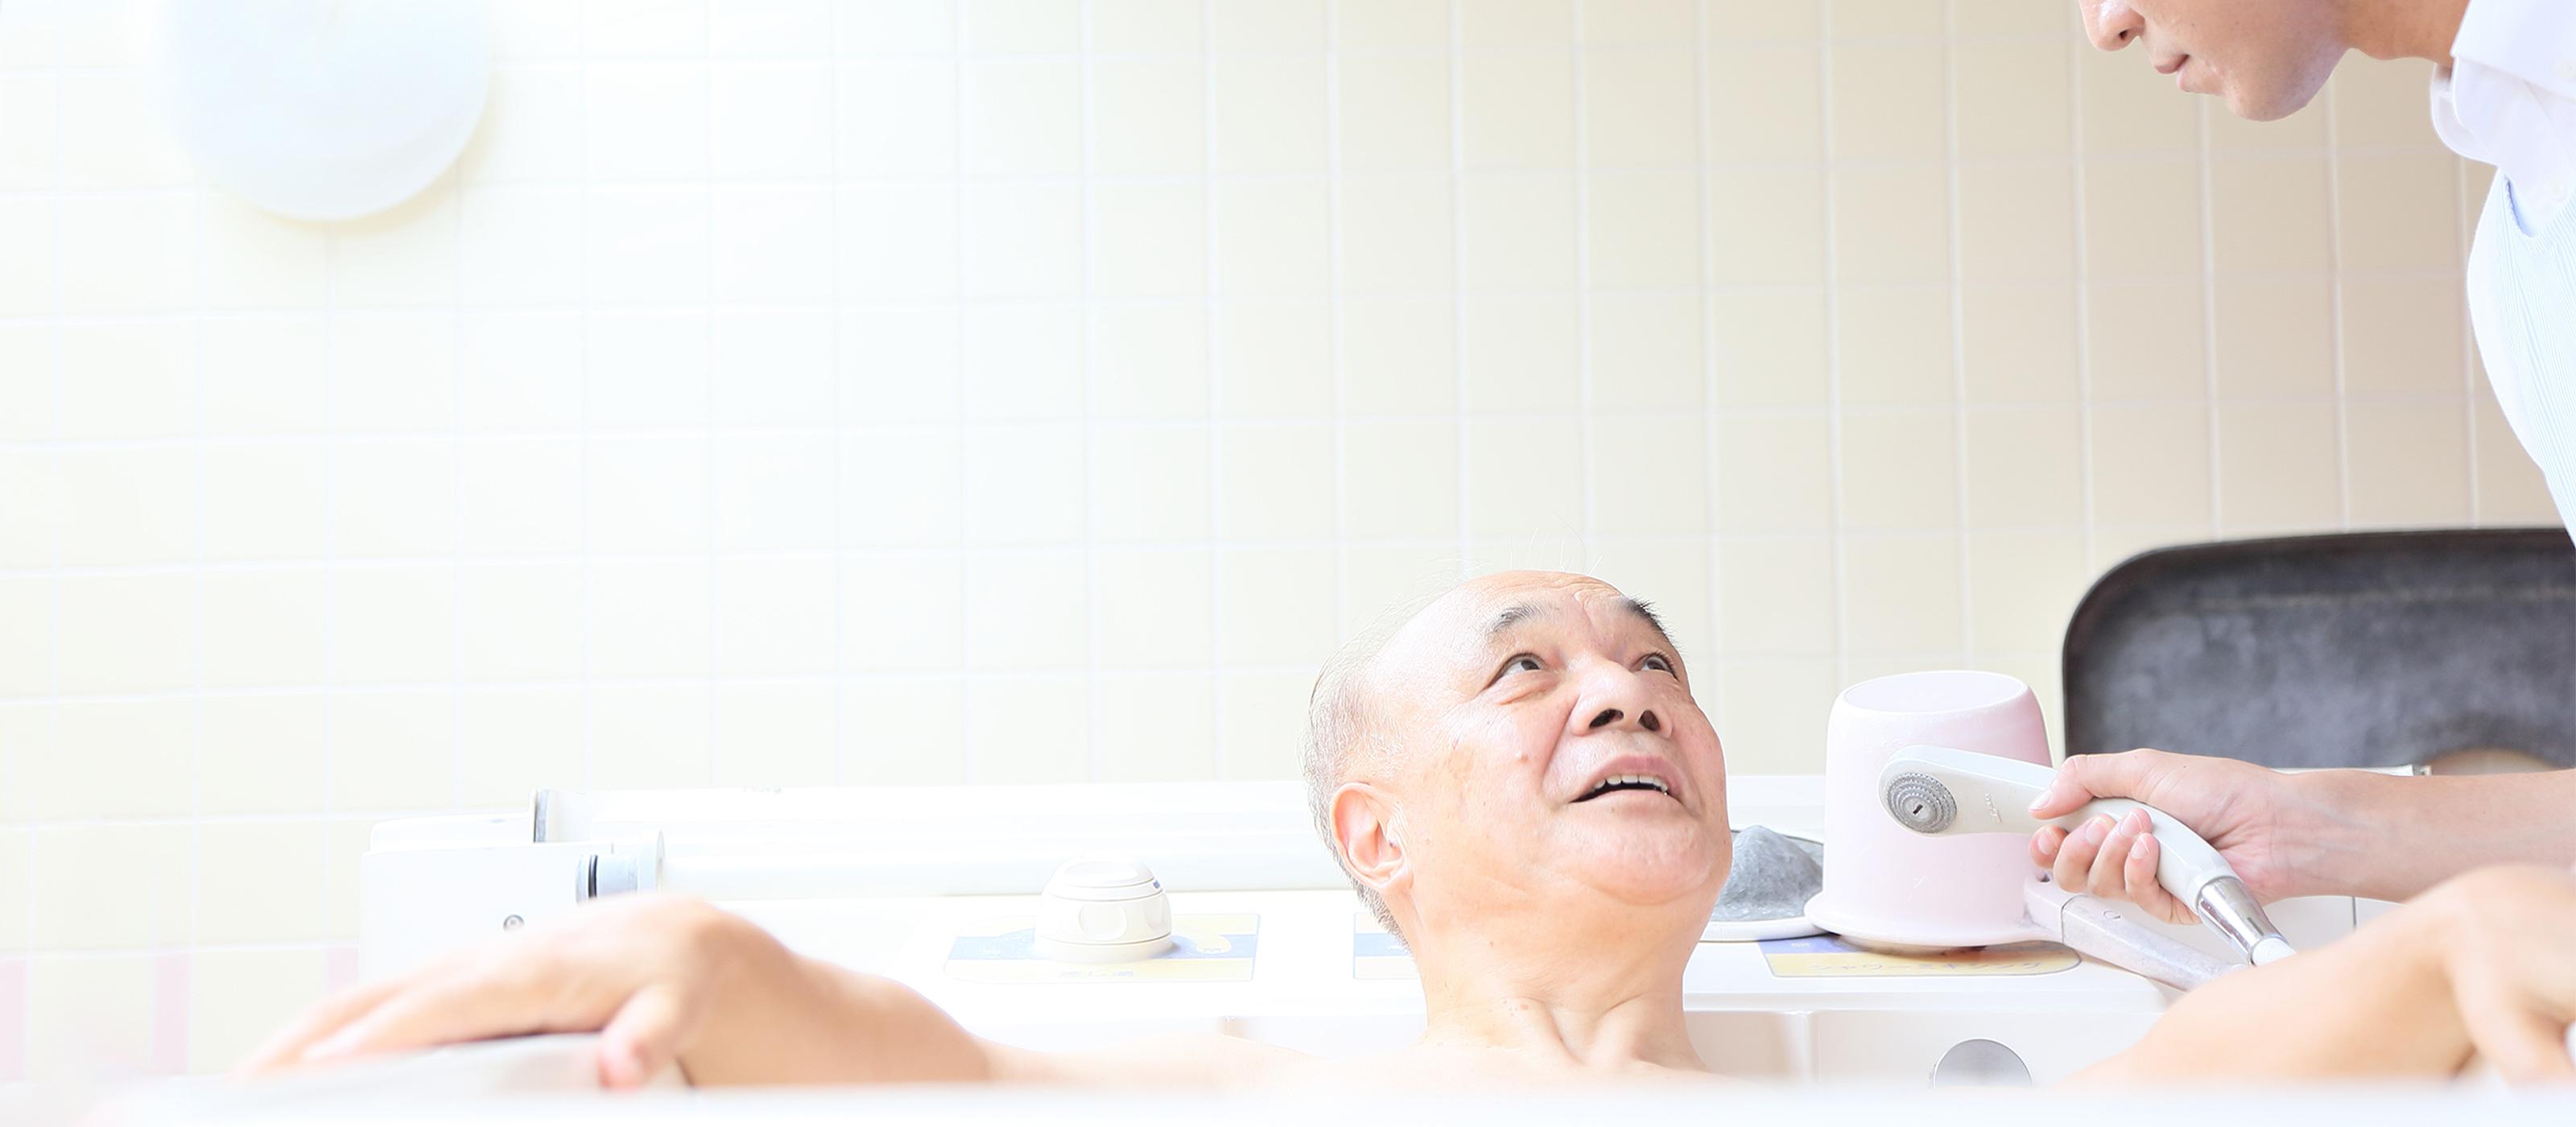 保清の援助(清拭・洗髪・入浴)と指導